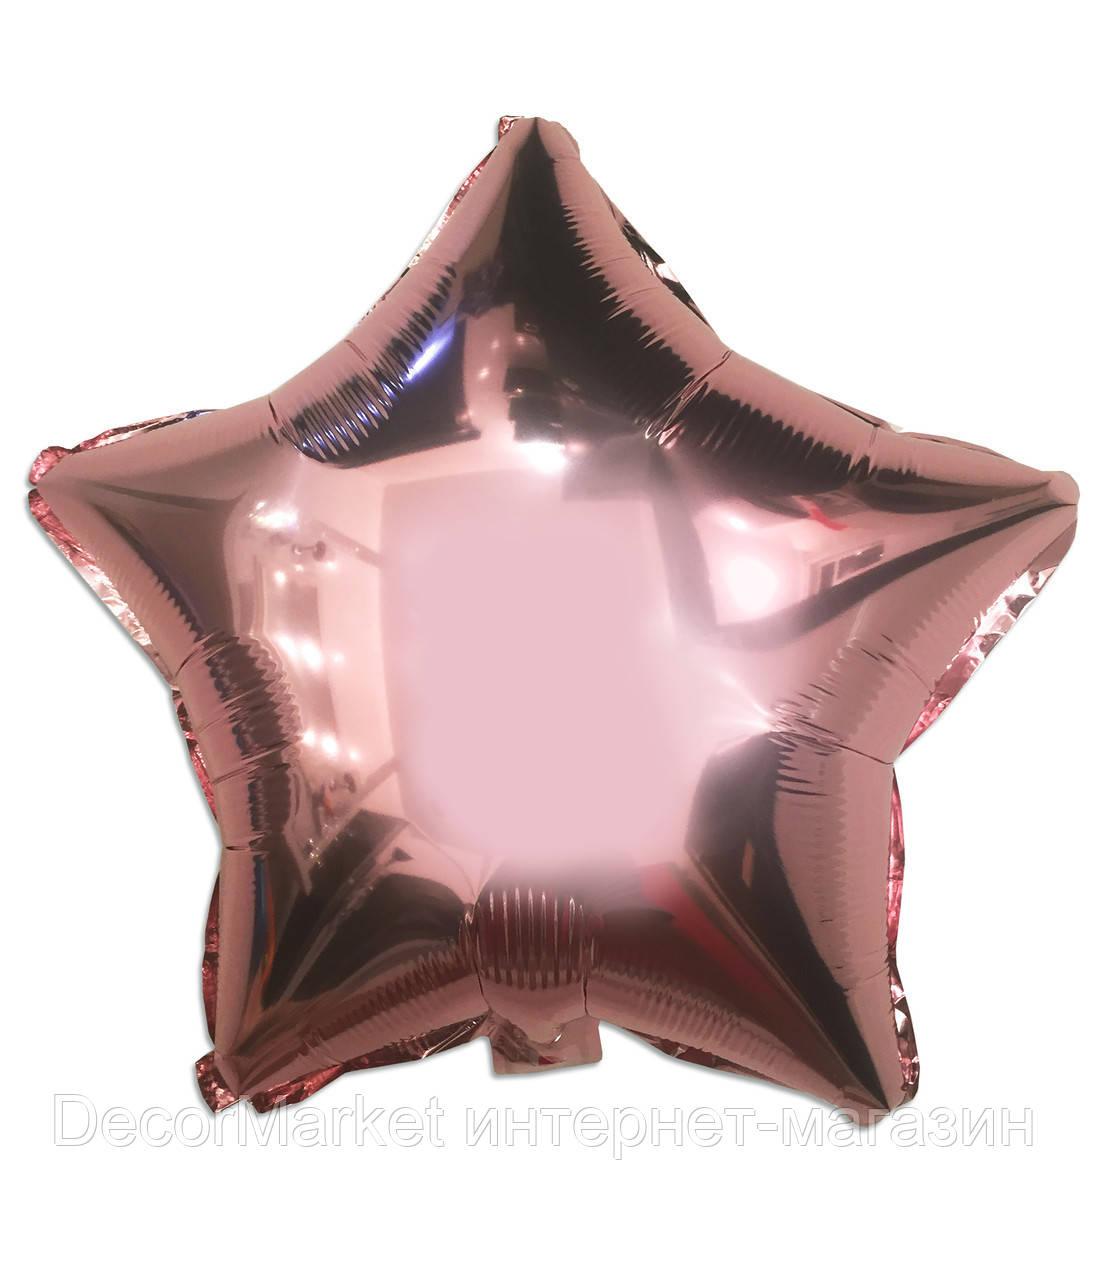 Шар звезда фольгированная, РОЗОВОЕ ЗОЛОТО  - 45 см (18 дюймов)